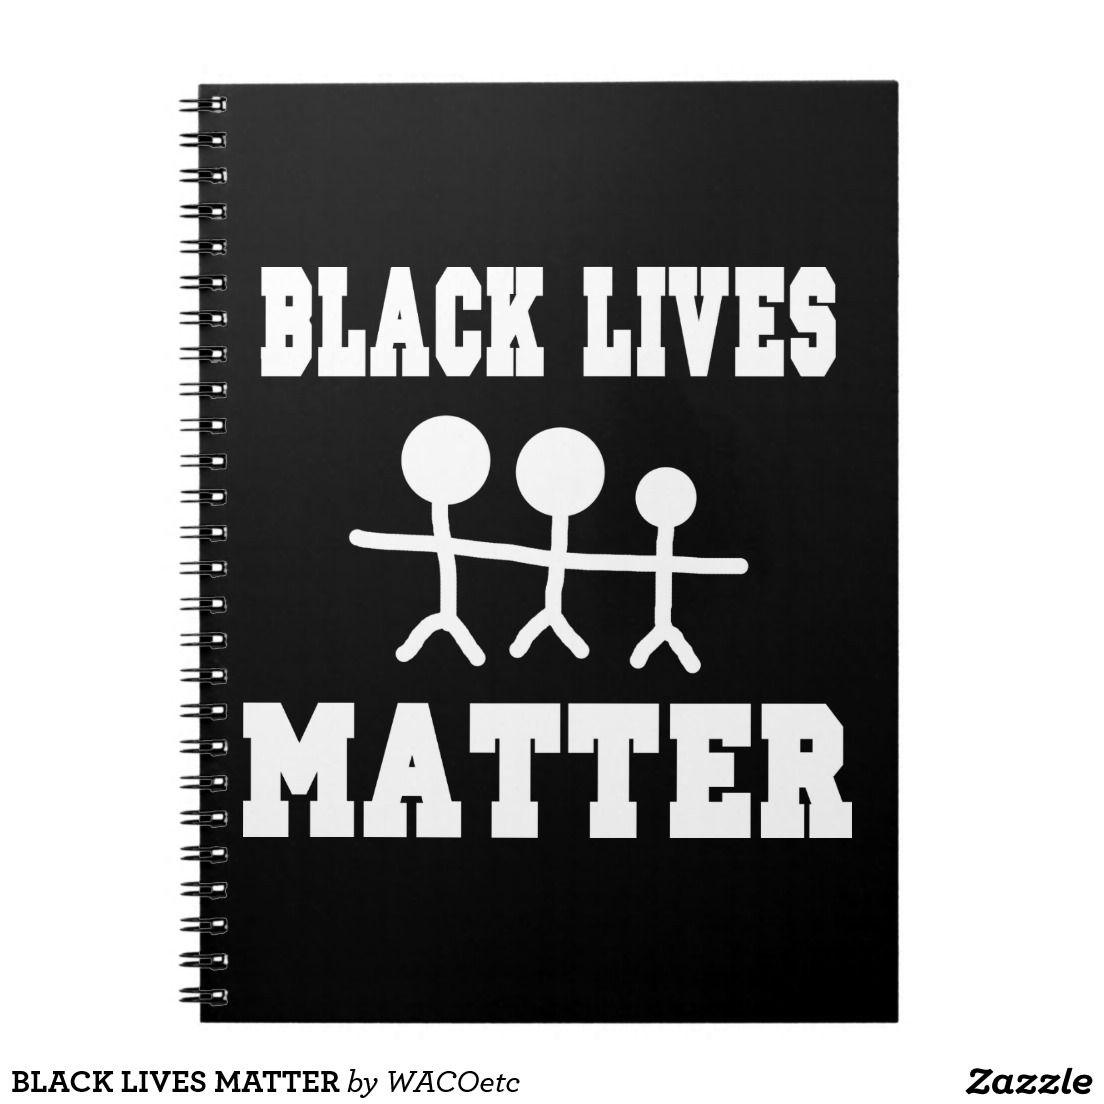 BLACK LIVES MATTER NOTE BOOK